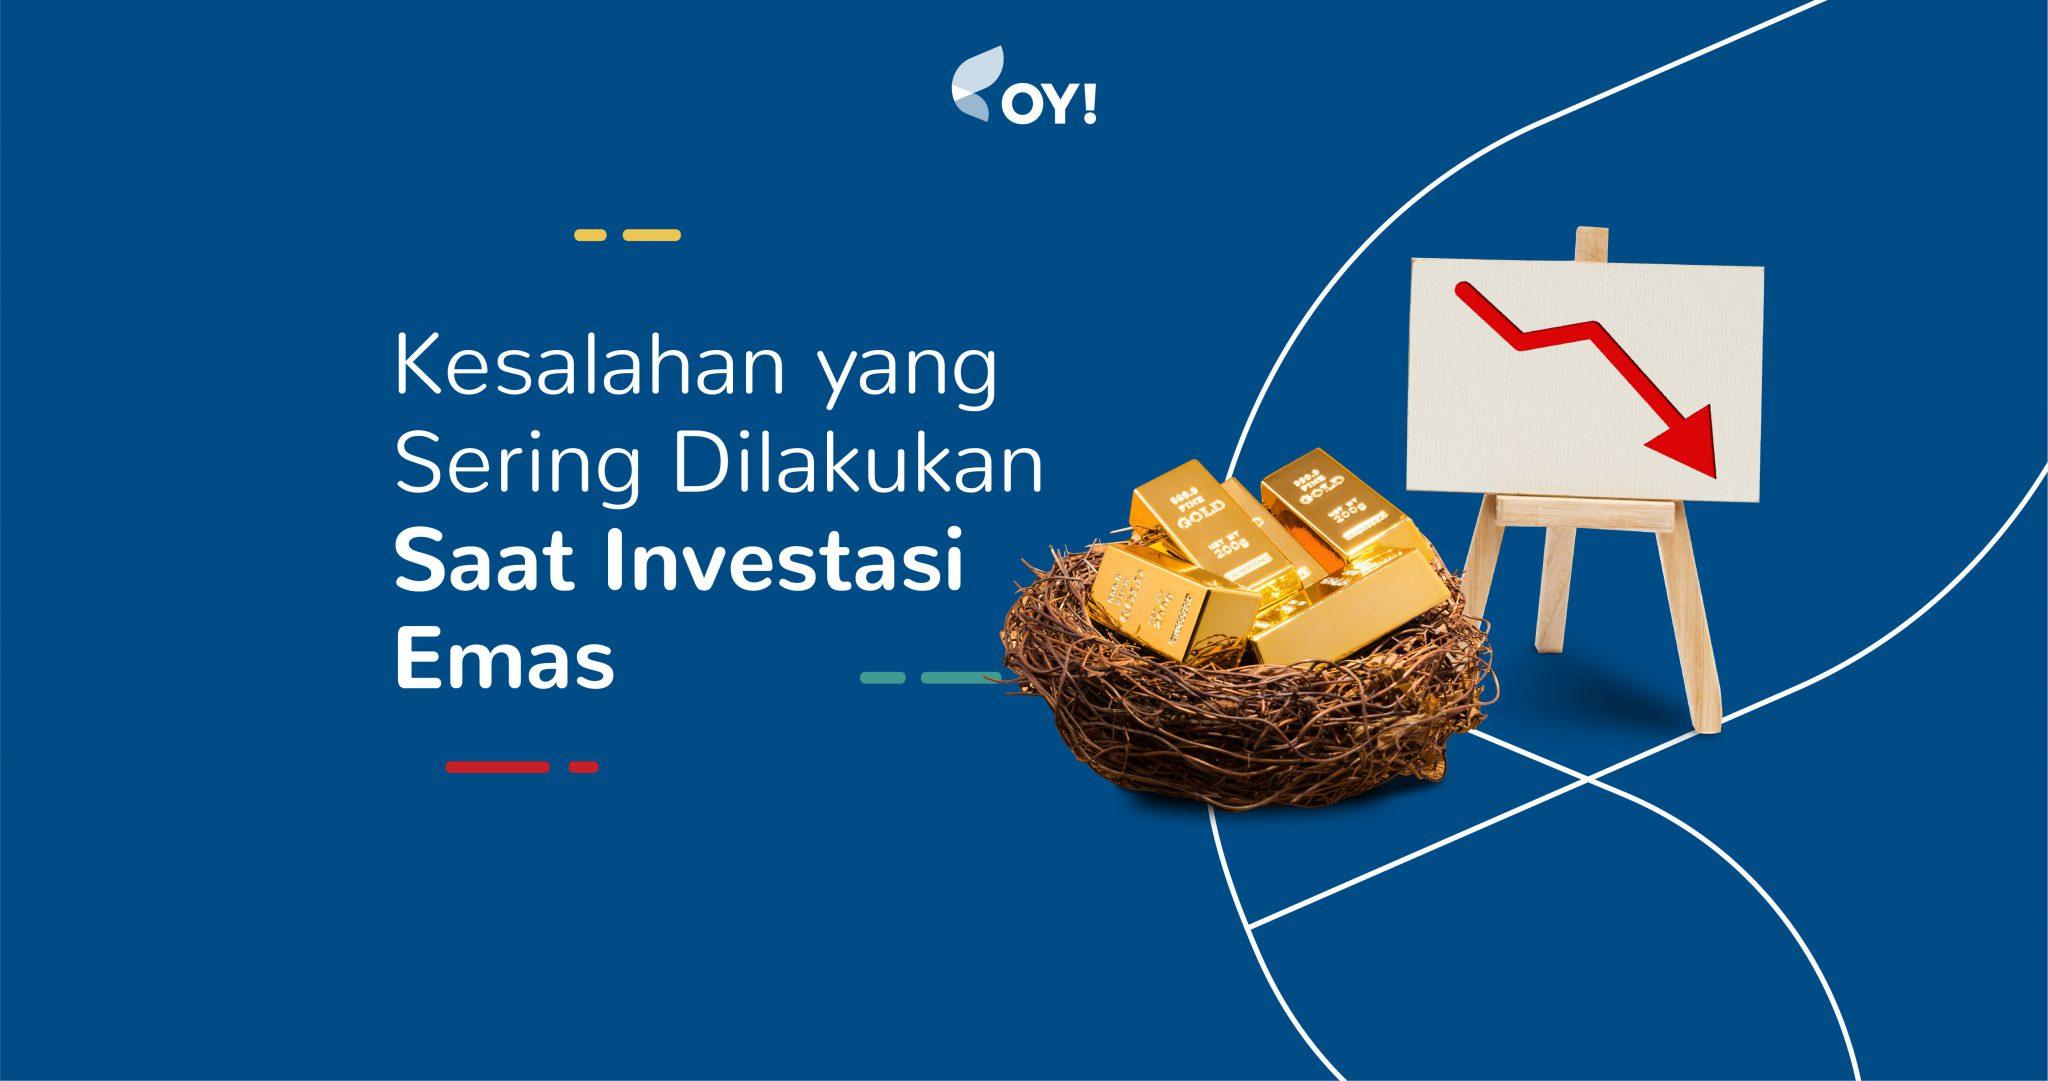 kesalahan saat investasi emas